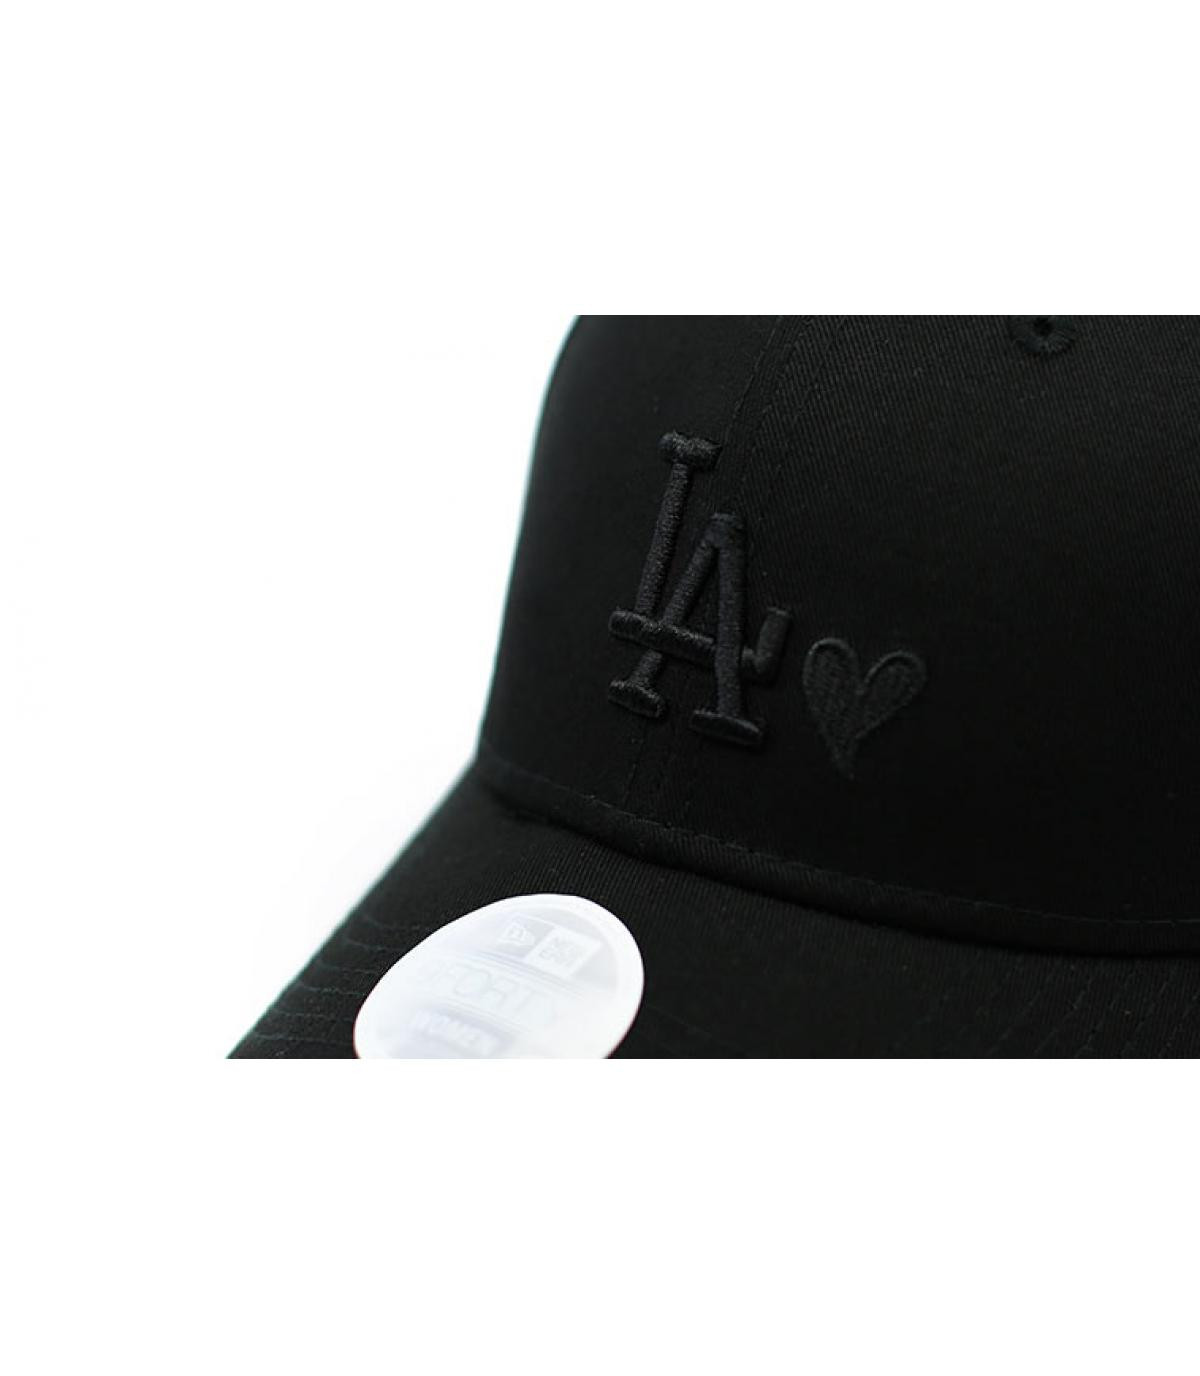 Details Cap Wmns Heart LA 940 black - Abbildung 3